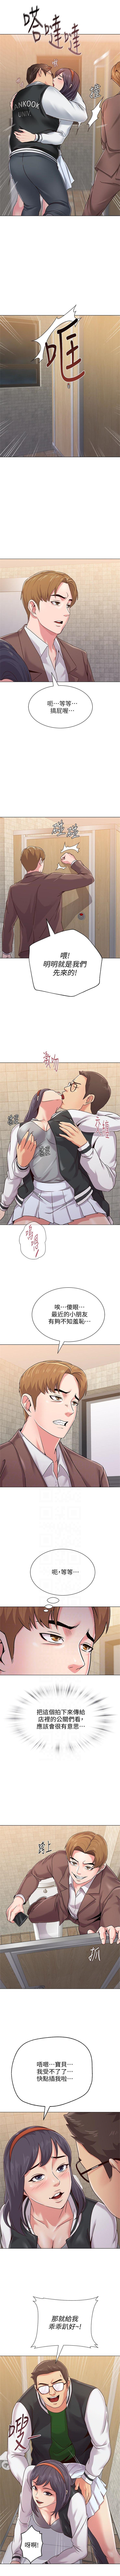 (周3)老师 1-56 中文翻译(更新中) 241